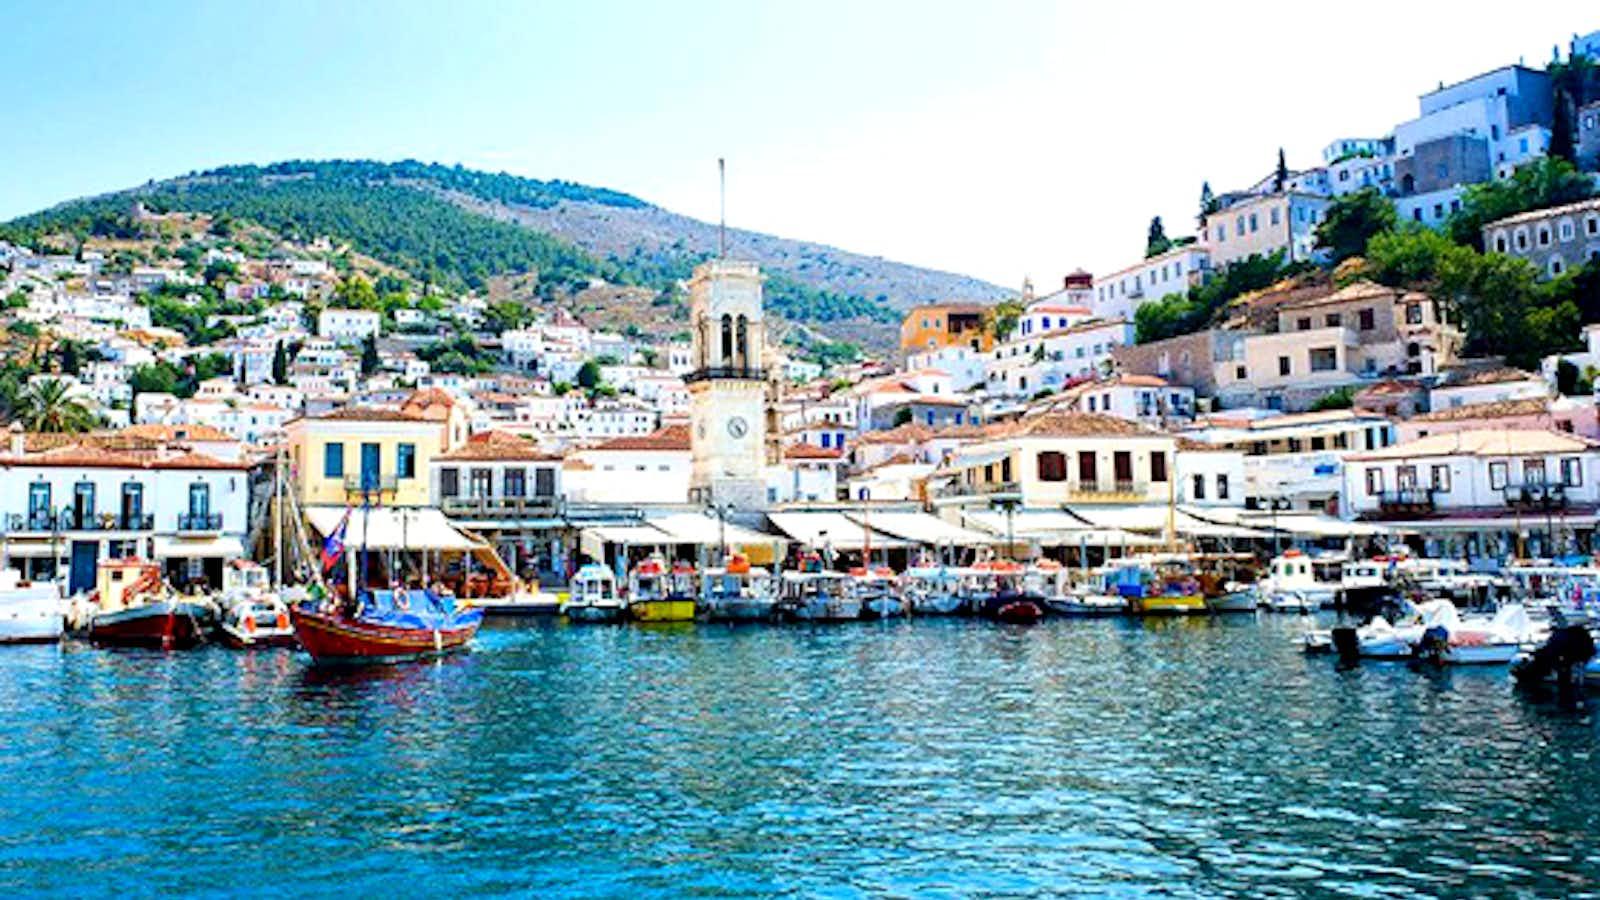 Beautiful Hydra Island in Greece